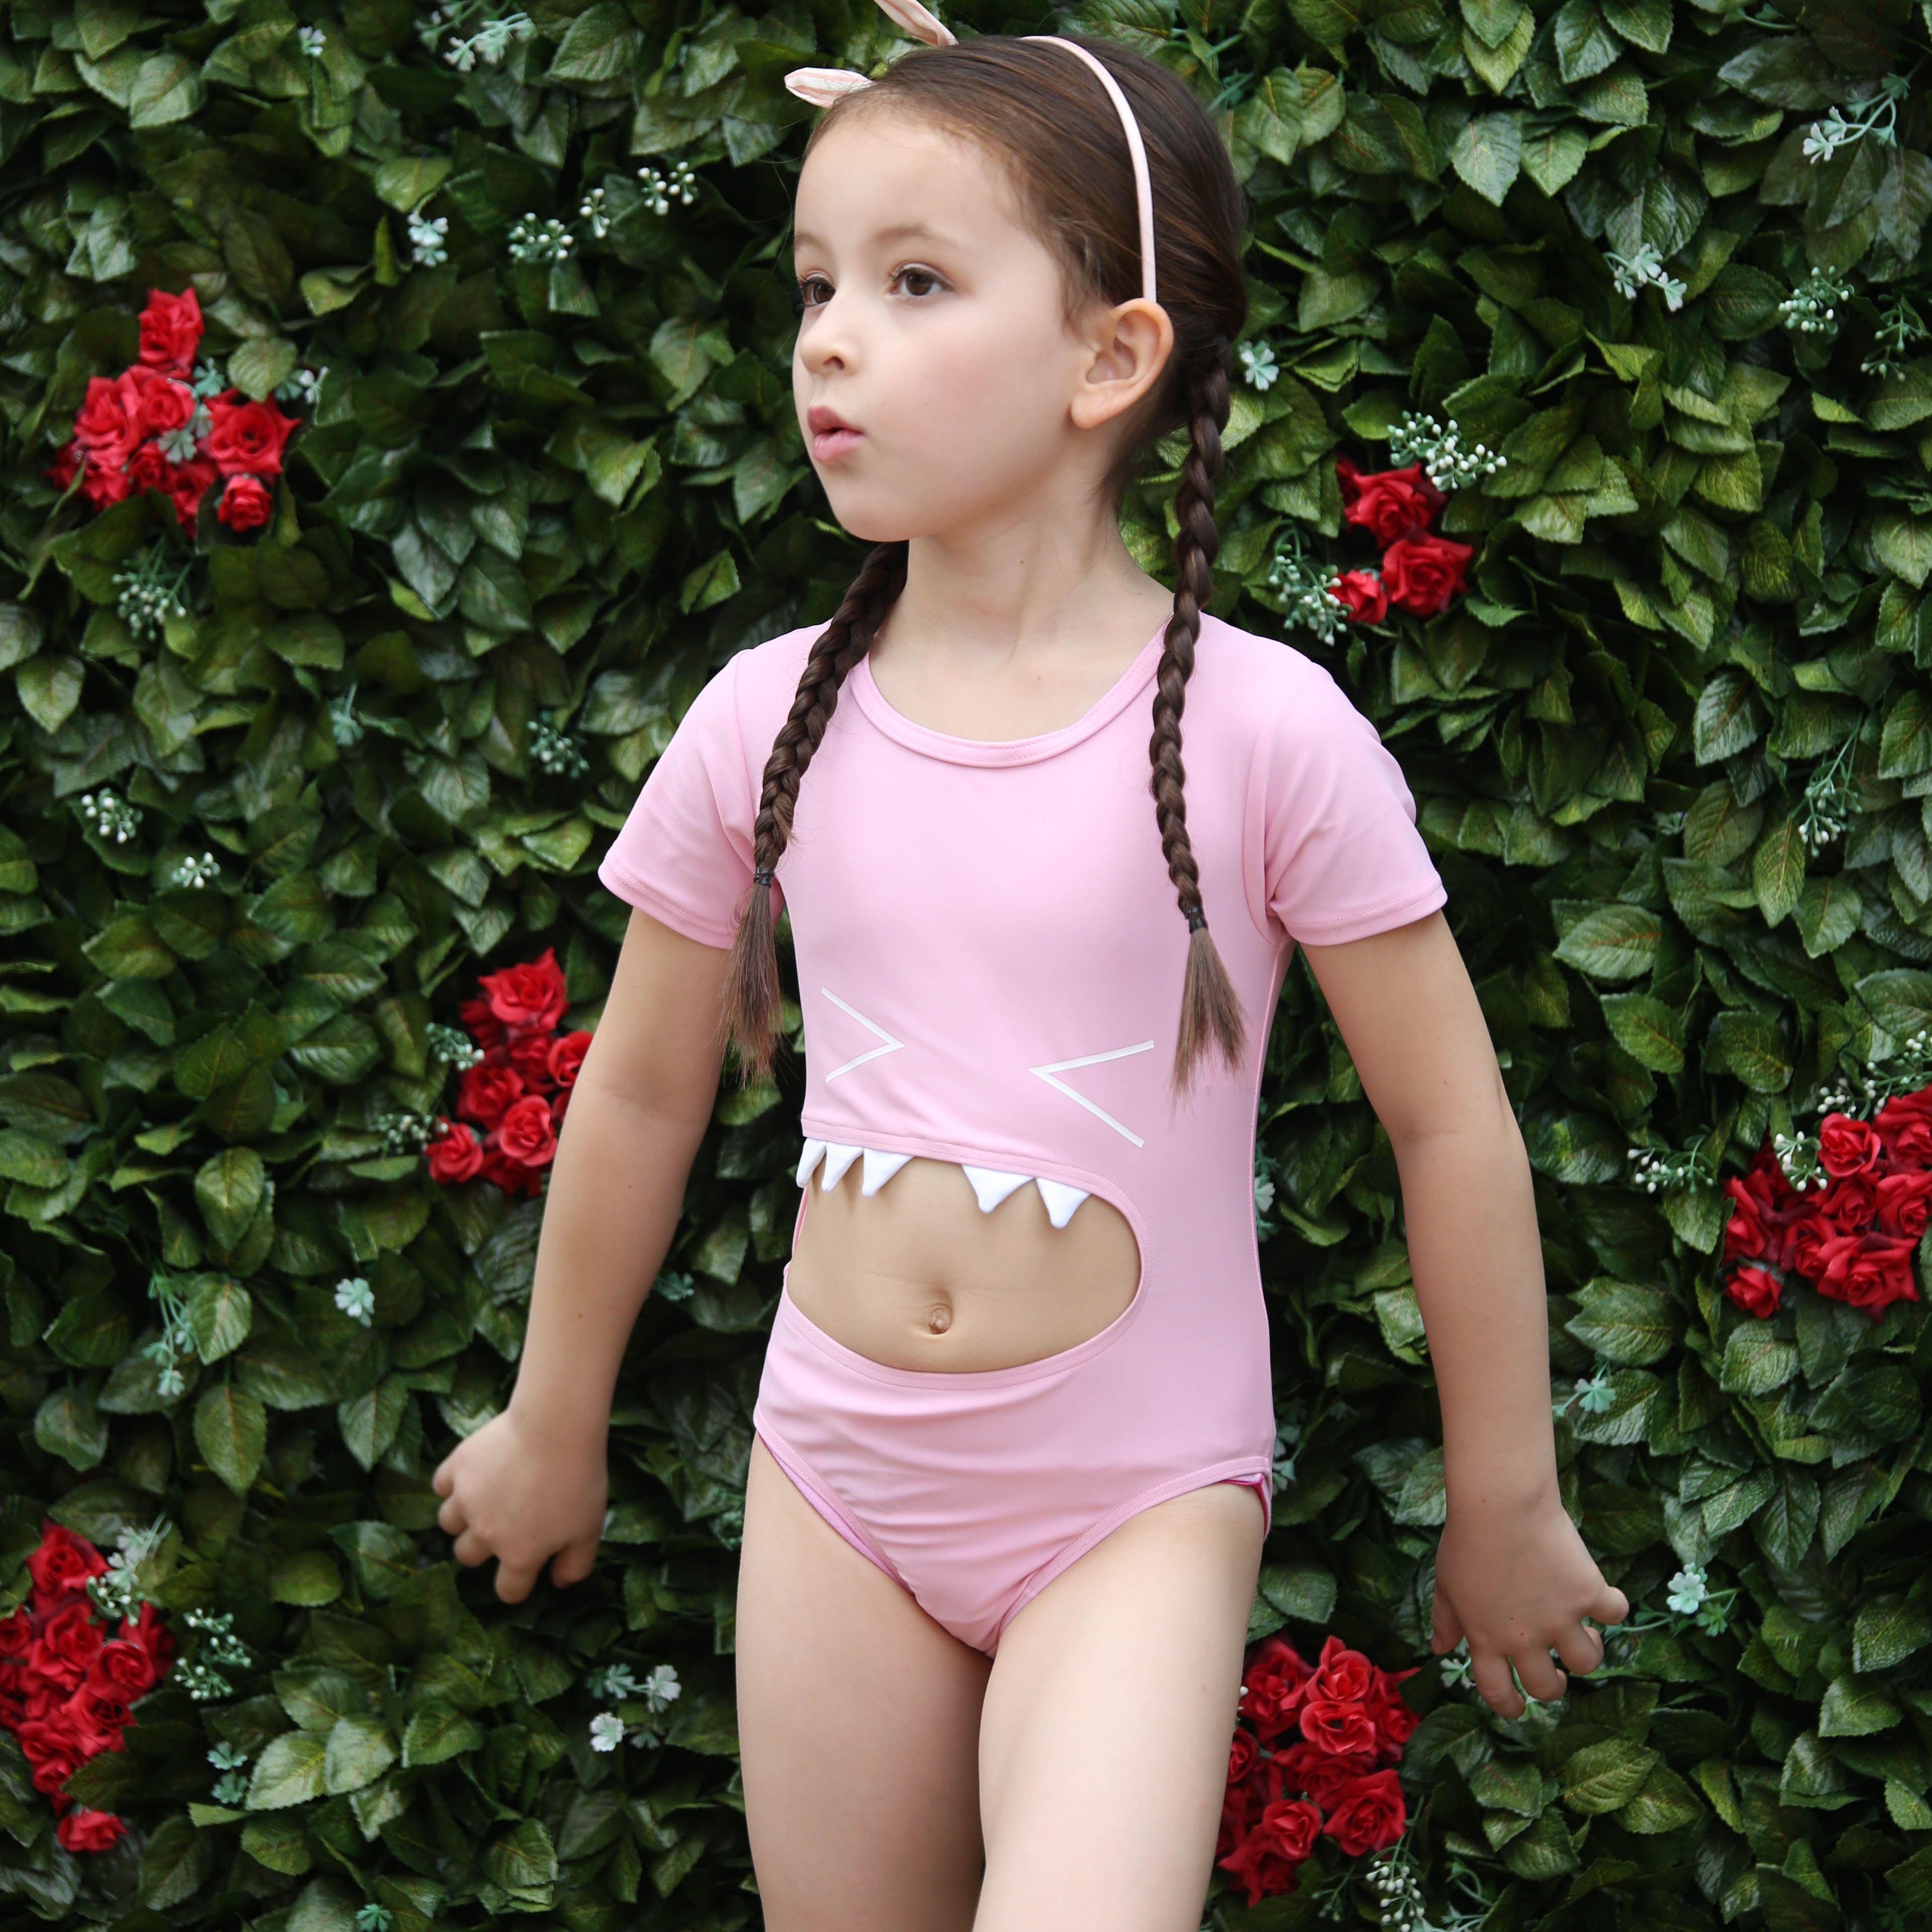 37d52734dff26 2019 2017 New Children Cartoon Swimwear Girls One Piece Short Sleeve  Swimwear With Swimming Cap Highly Elastic Swimwear From Minniehoney, $24.73  | DHgate.